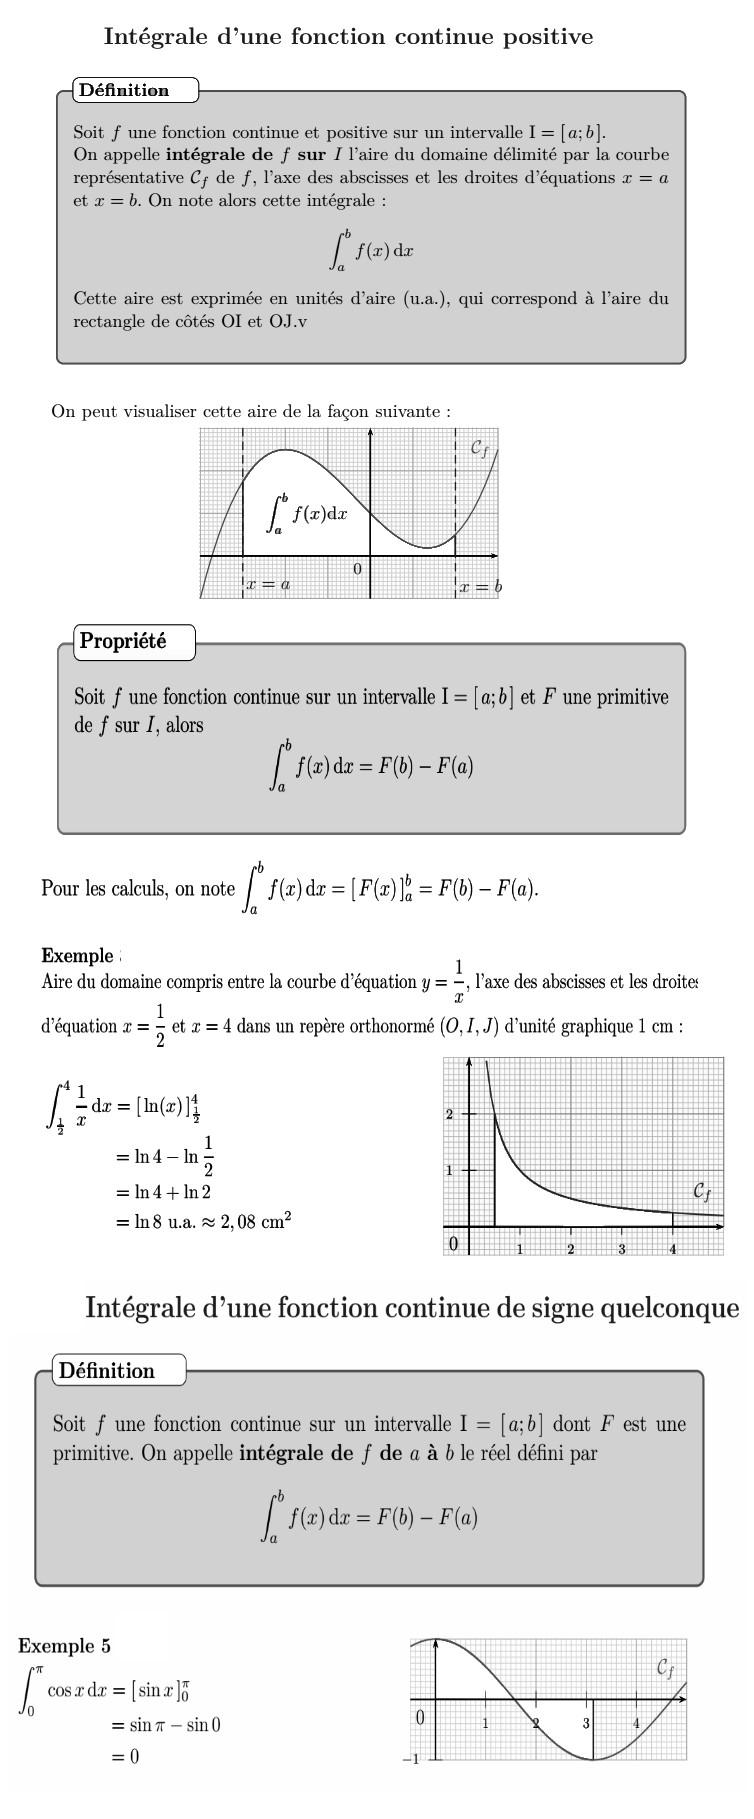 integrale d'une fonction continue